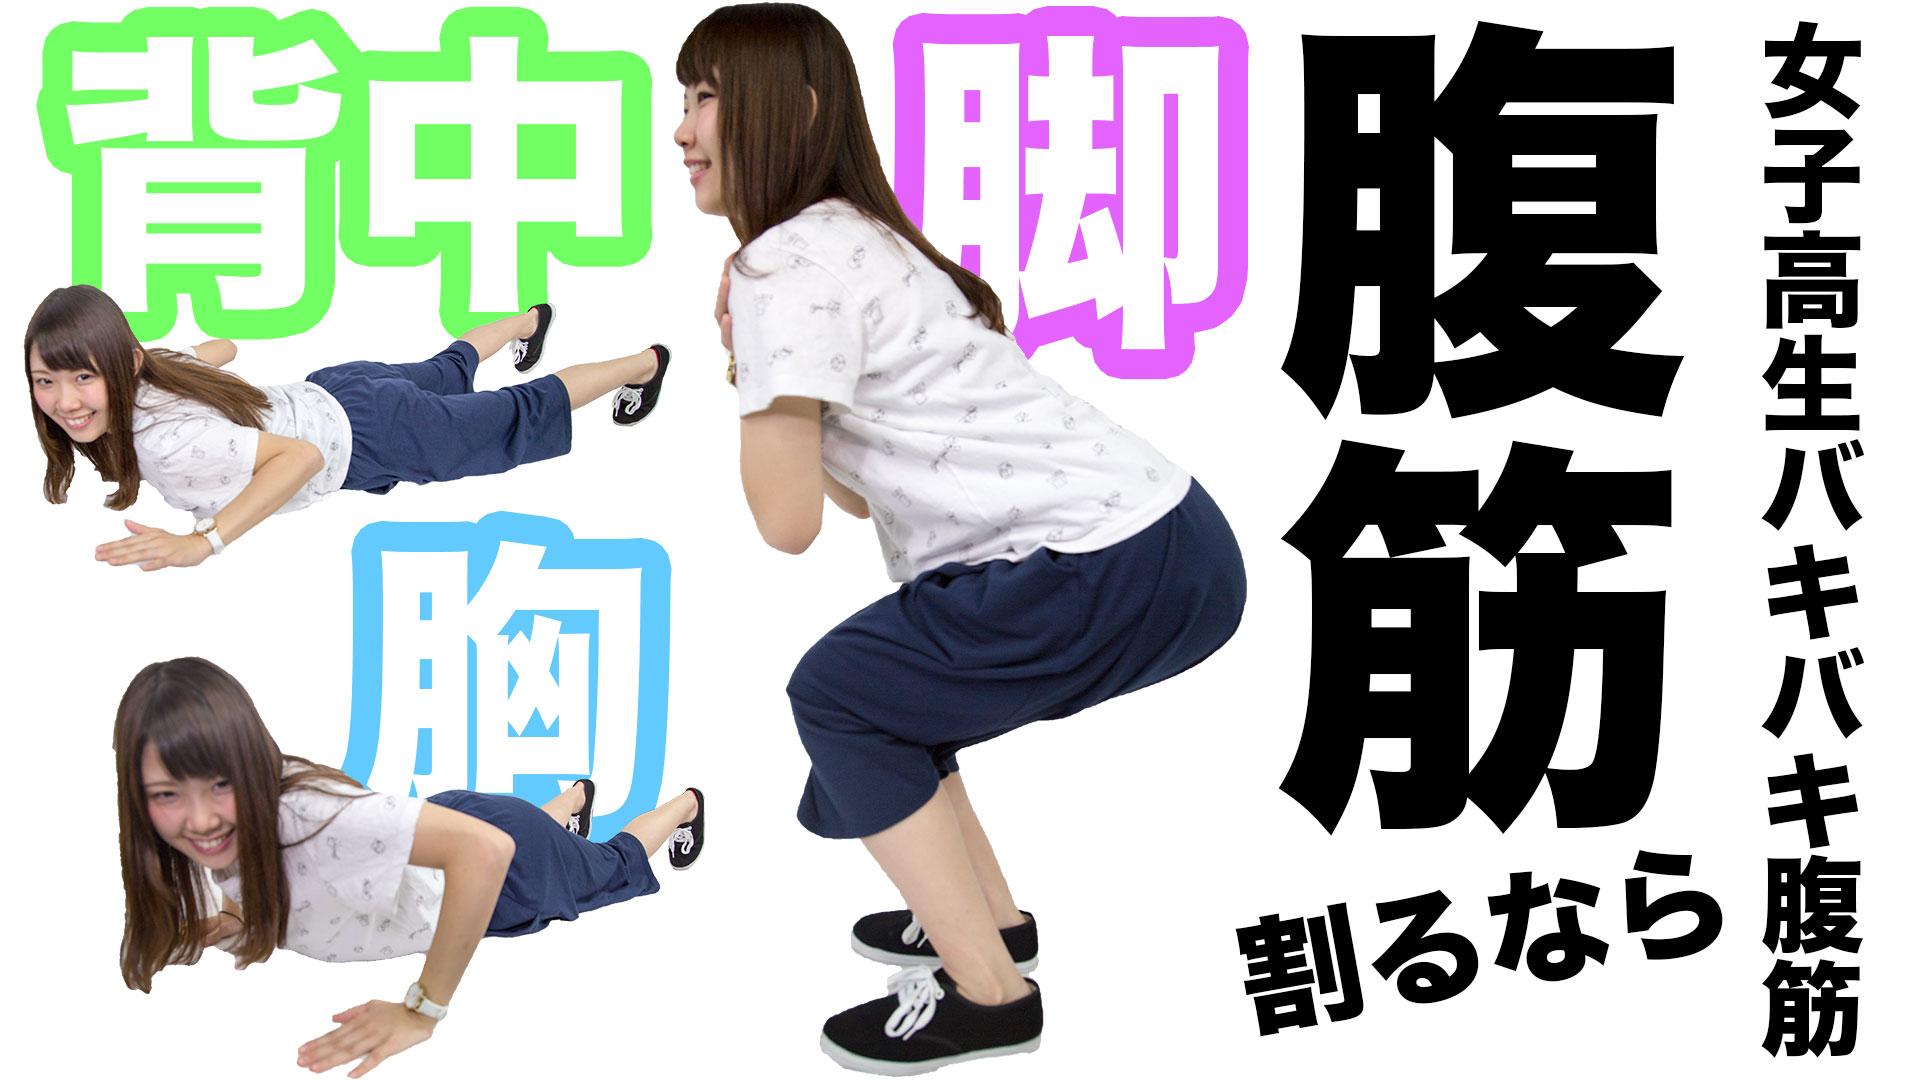 女子が腹筋をバキバキに割る方法!食事&運動について! #女子高生バキバキ腹筋